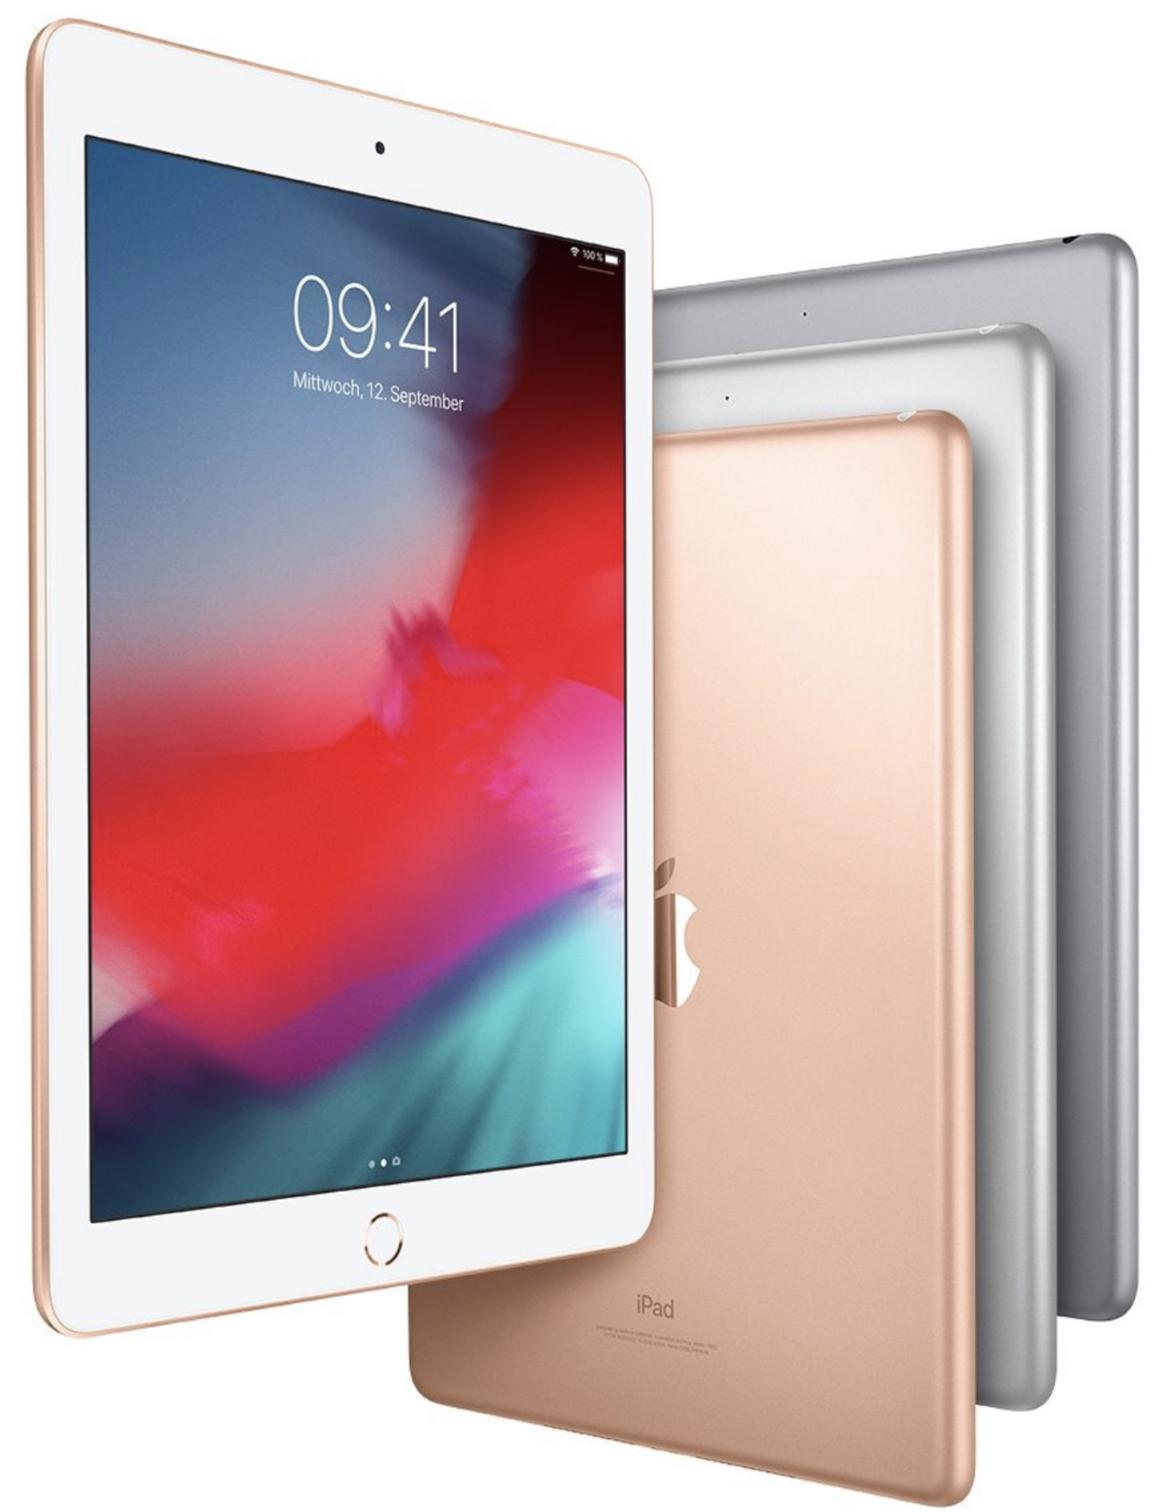 Apple iPad 2018 128GB WiFi in gold, silber u. spacegrau für je 361,87€ oder iPad Pro 11 64GB für 736,70€ direkt von AmazonFR inkl. Versand